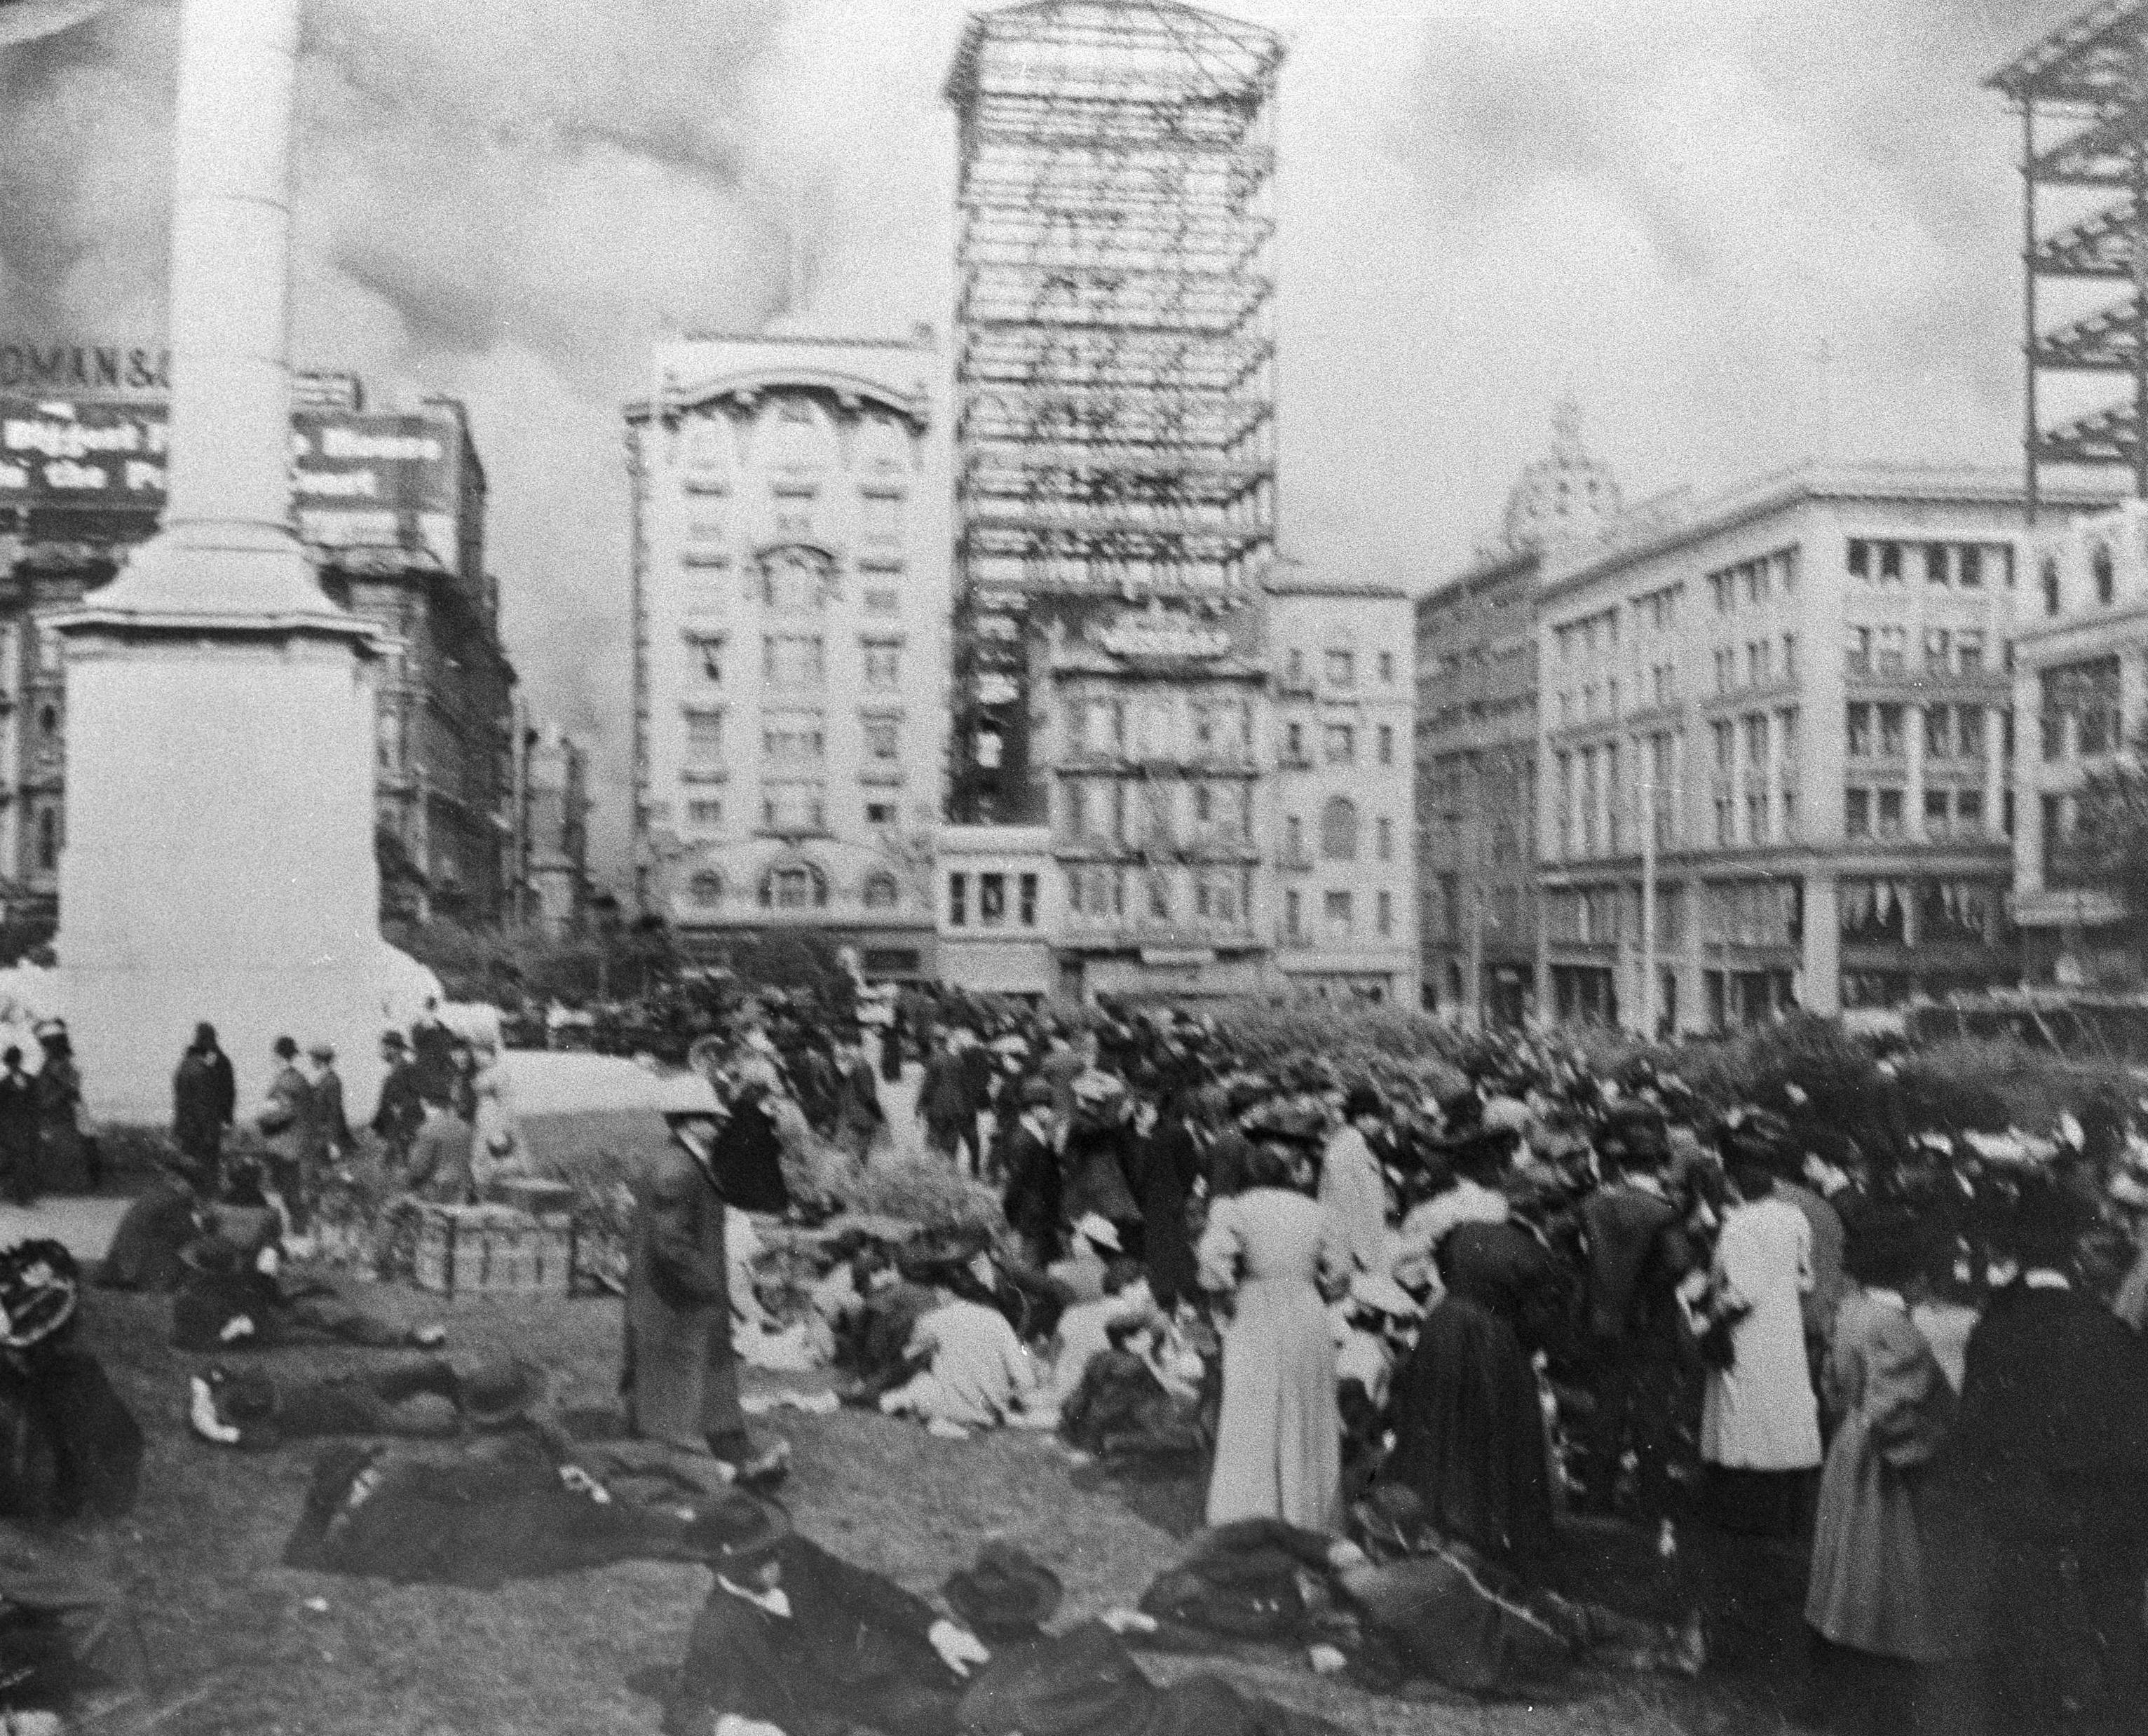 居民被疏散到聯合廣場(Union Square)。美聯社